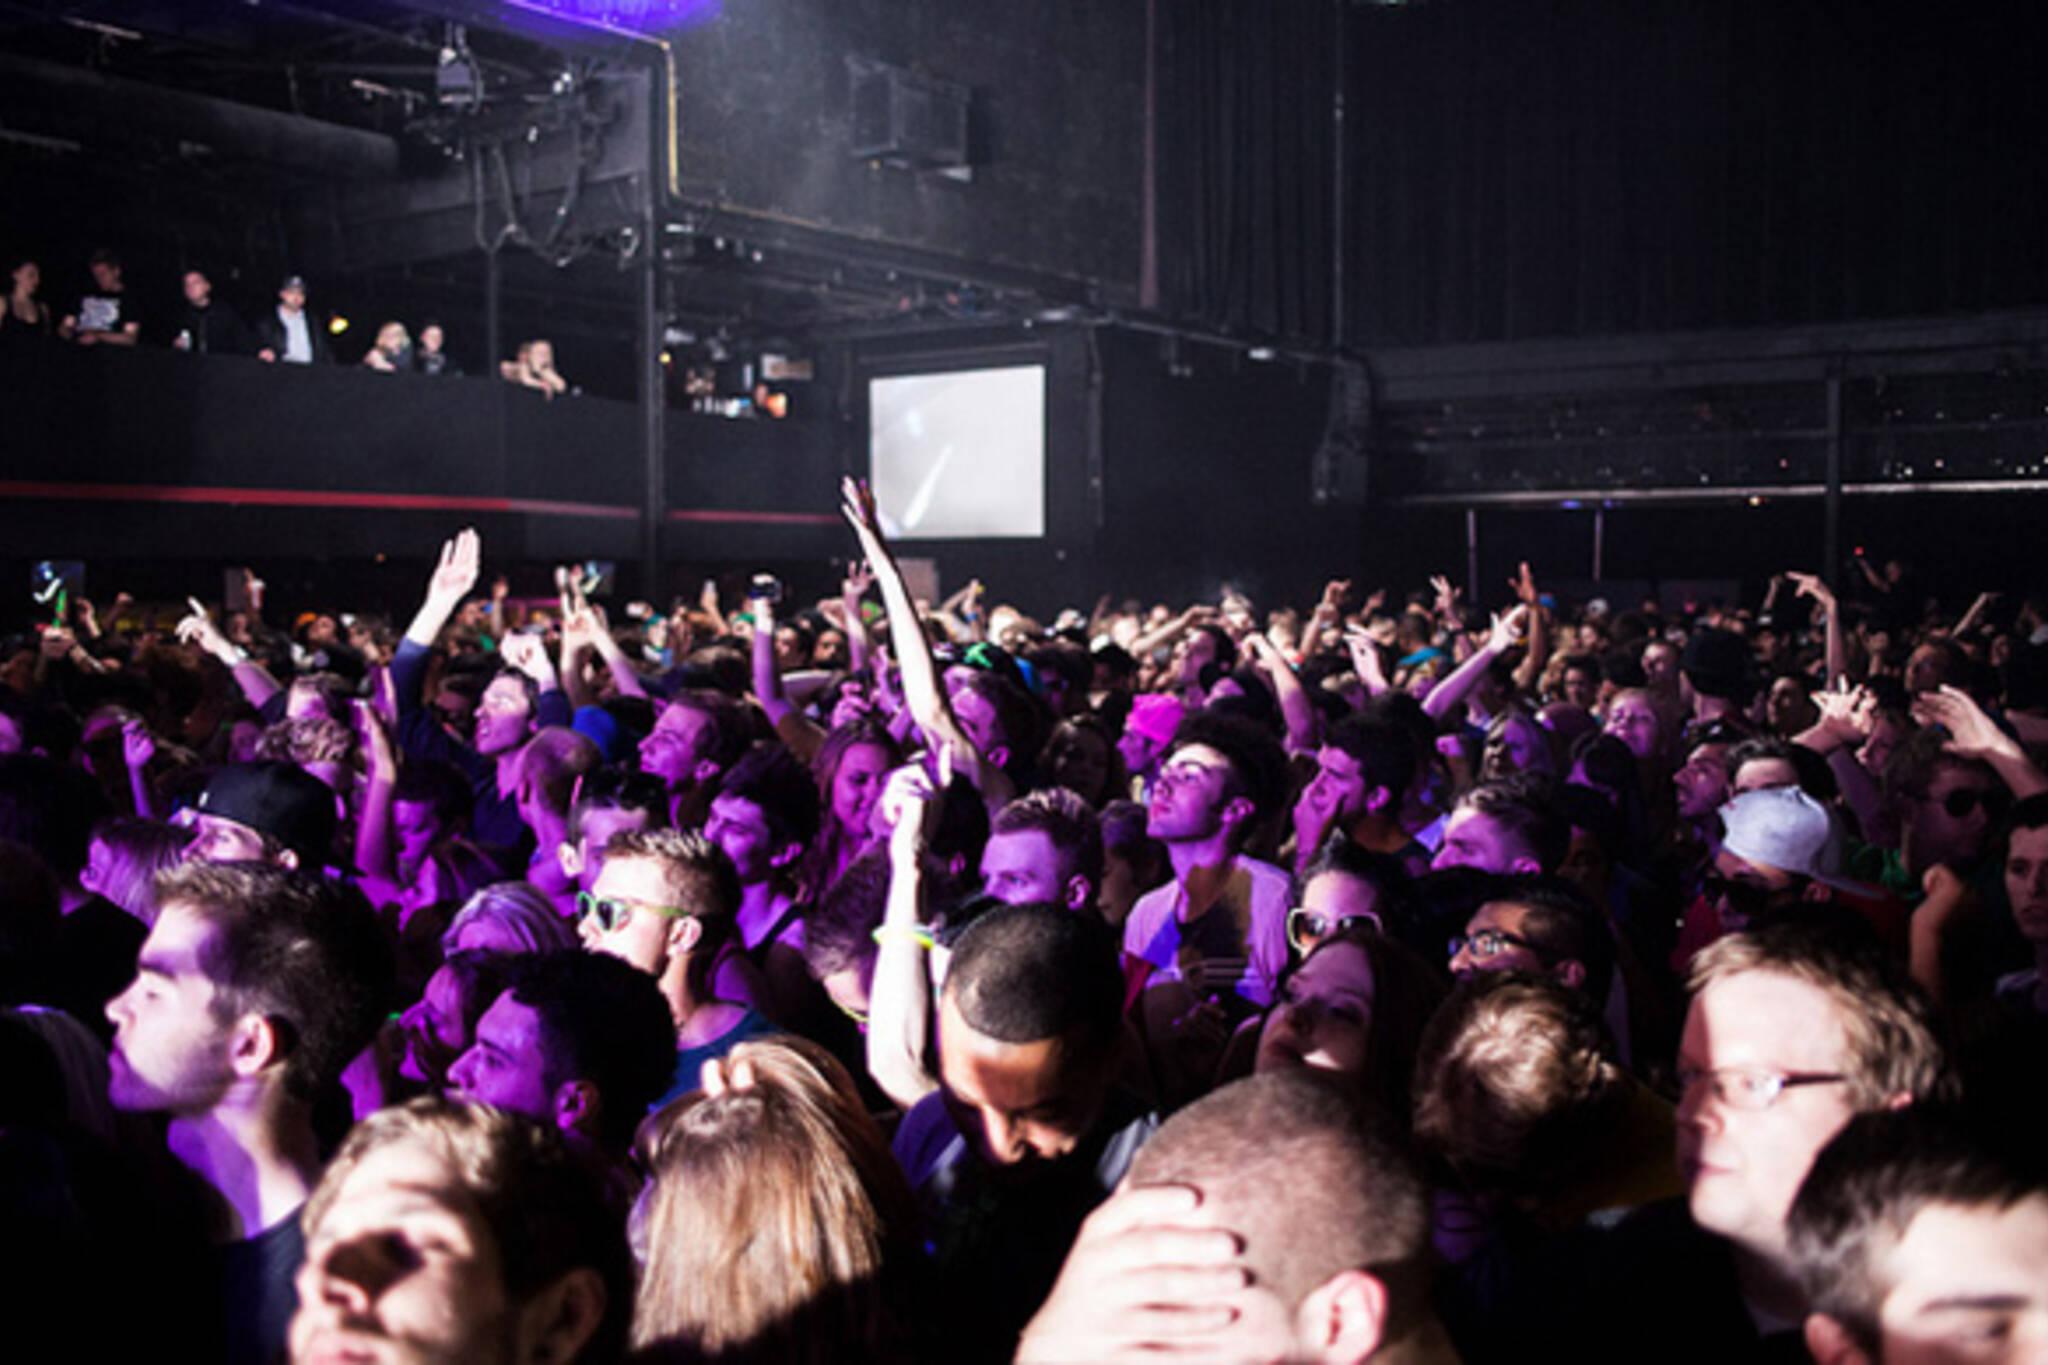 Toronto concert venues